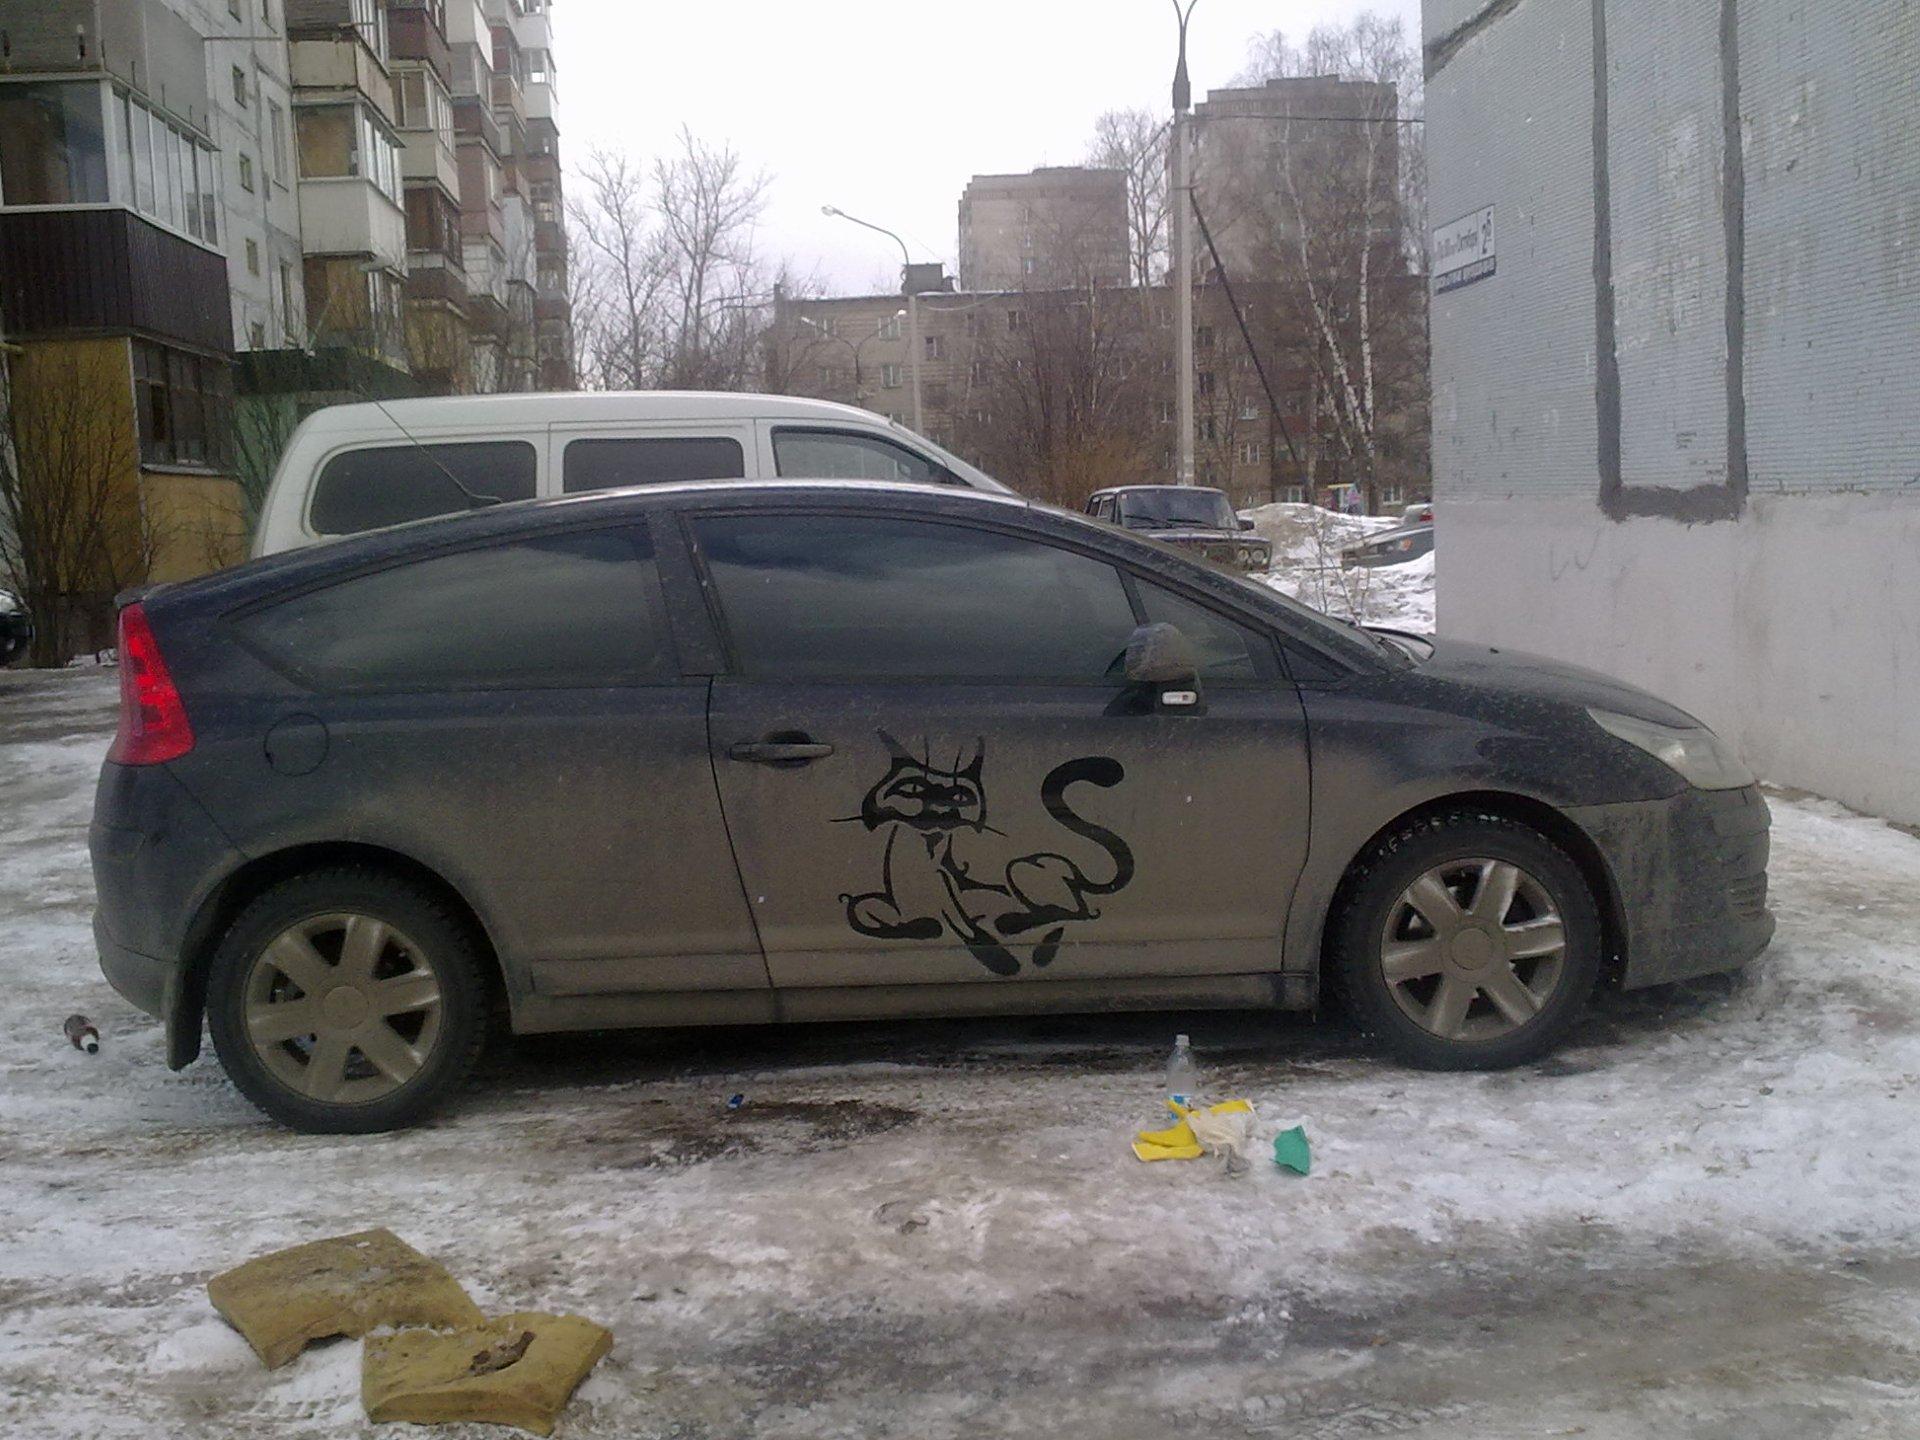 Рисунки на грязных машинах фото